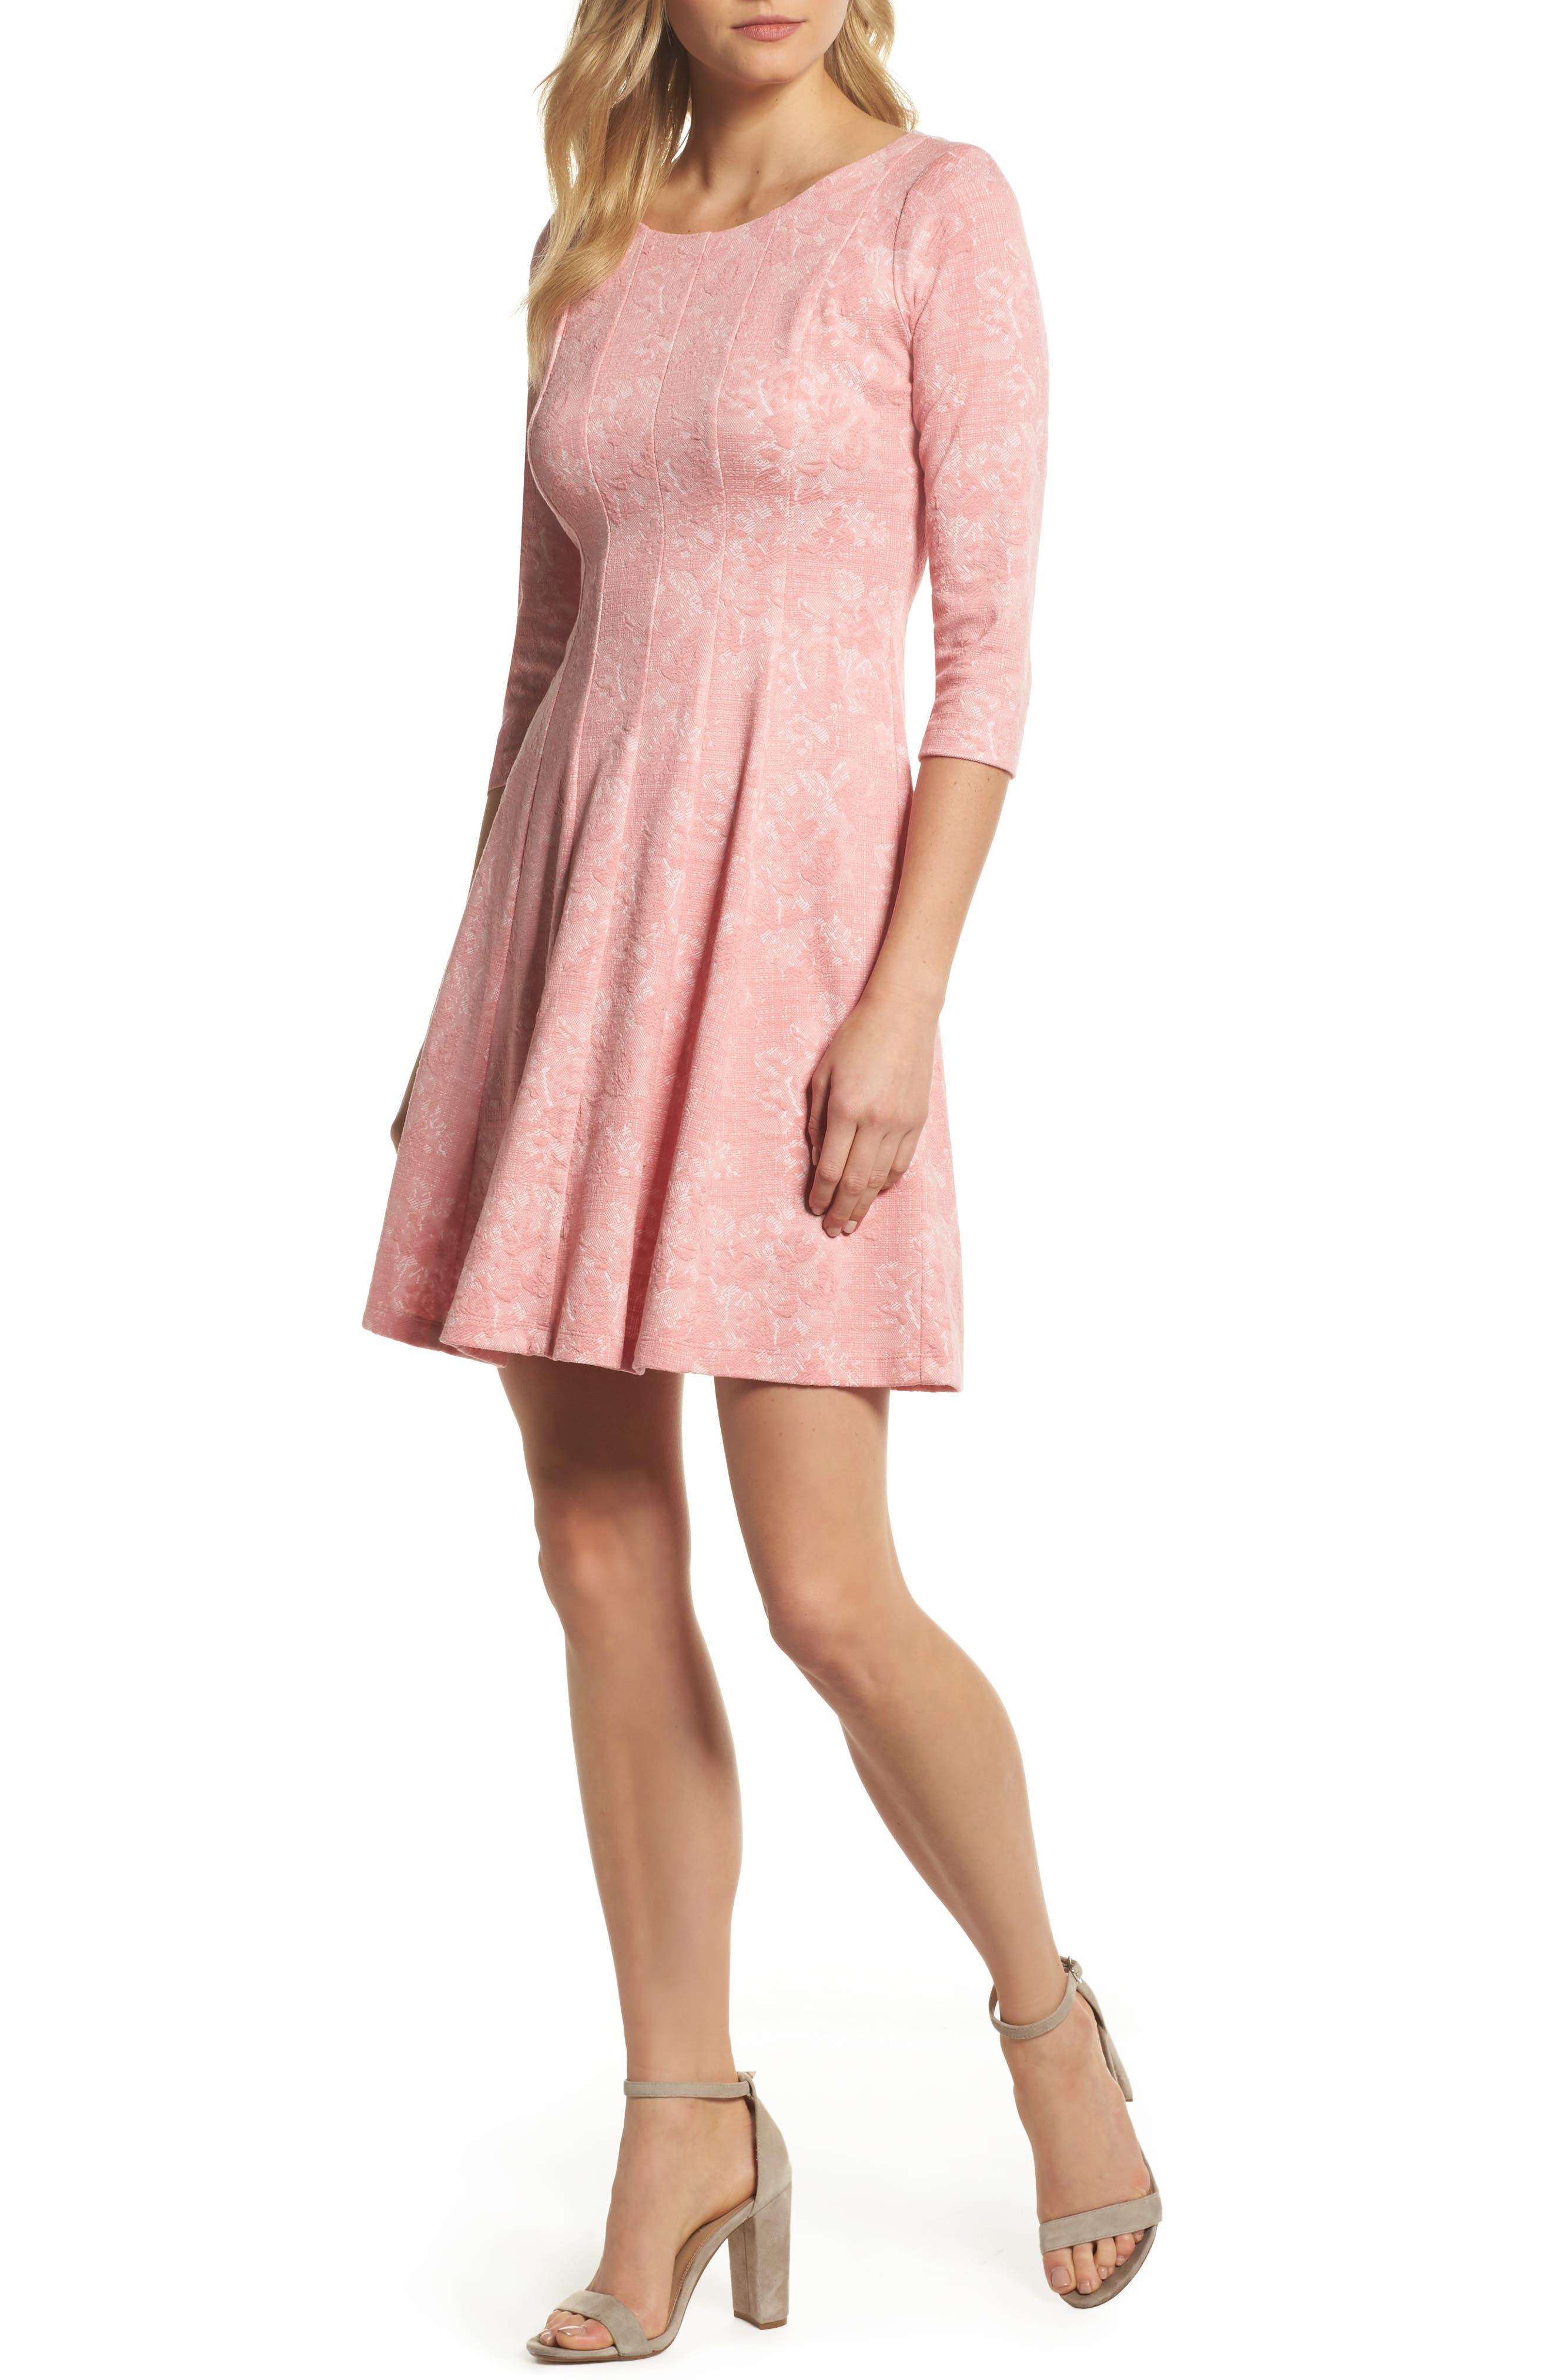 Jacquard Knit Fit & Flare Dress,                             Main thumbnail 1, color,                             651